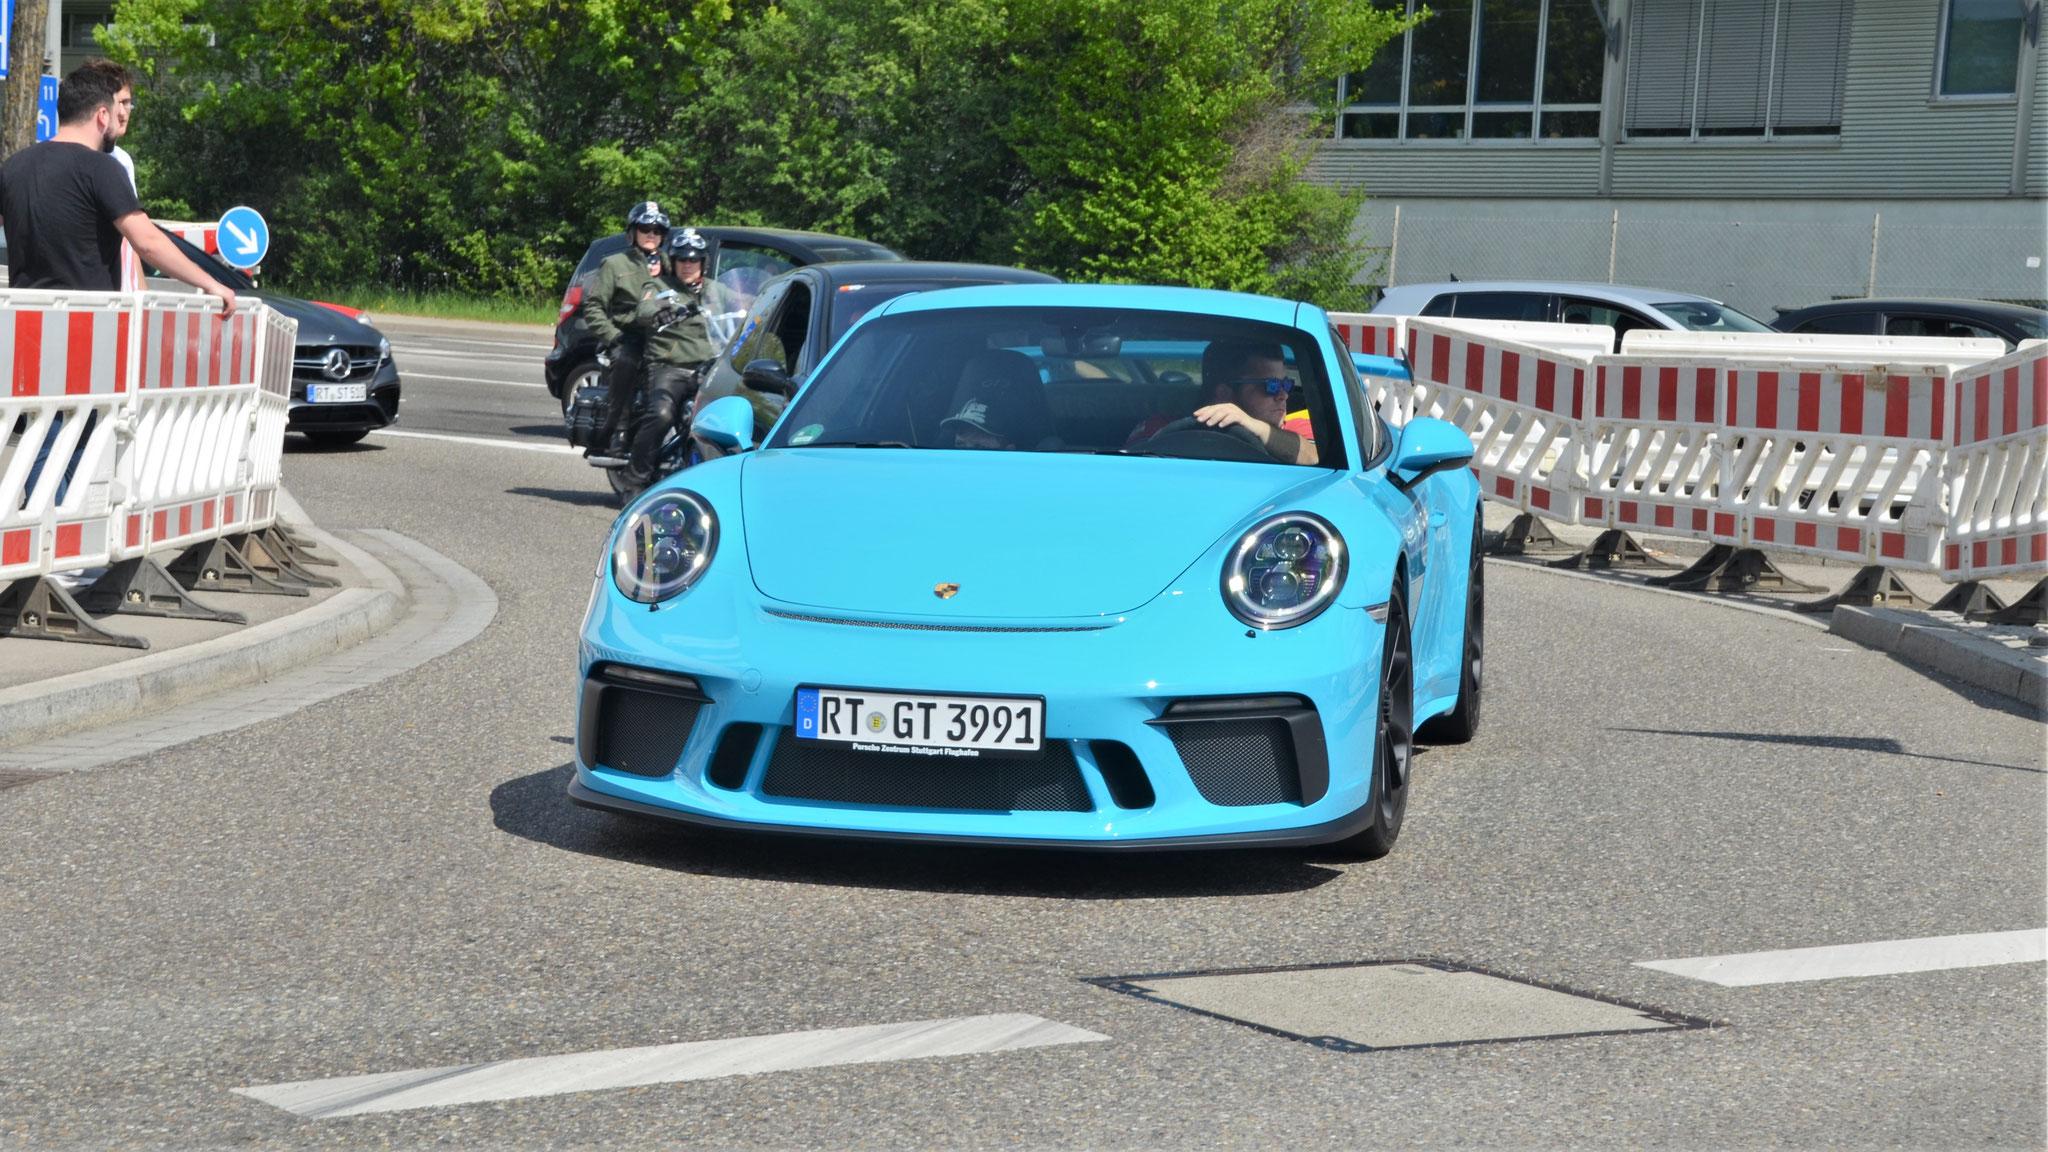 Porsche 991 GT3 - RT-GT-3991